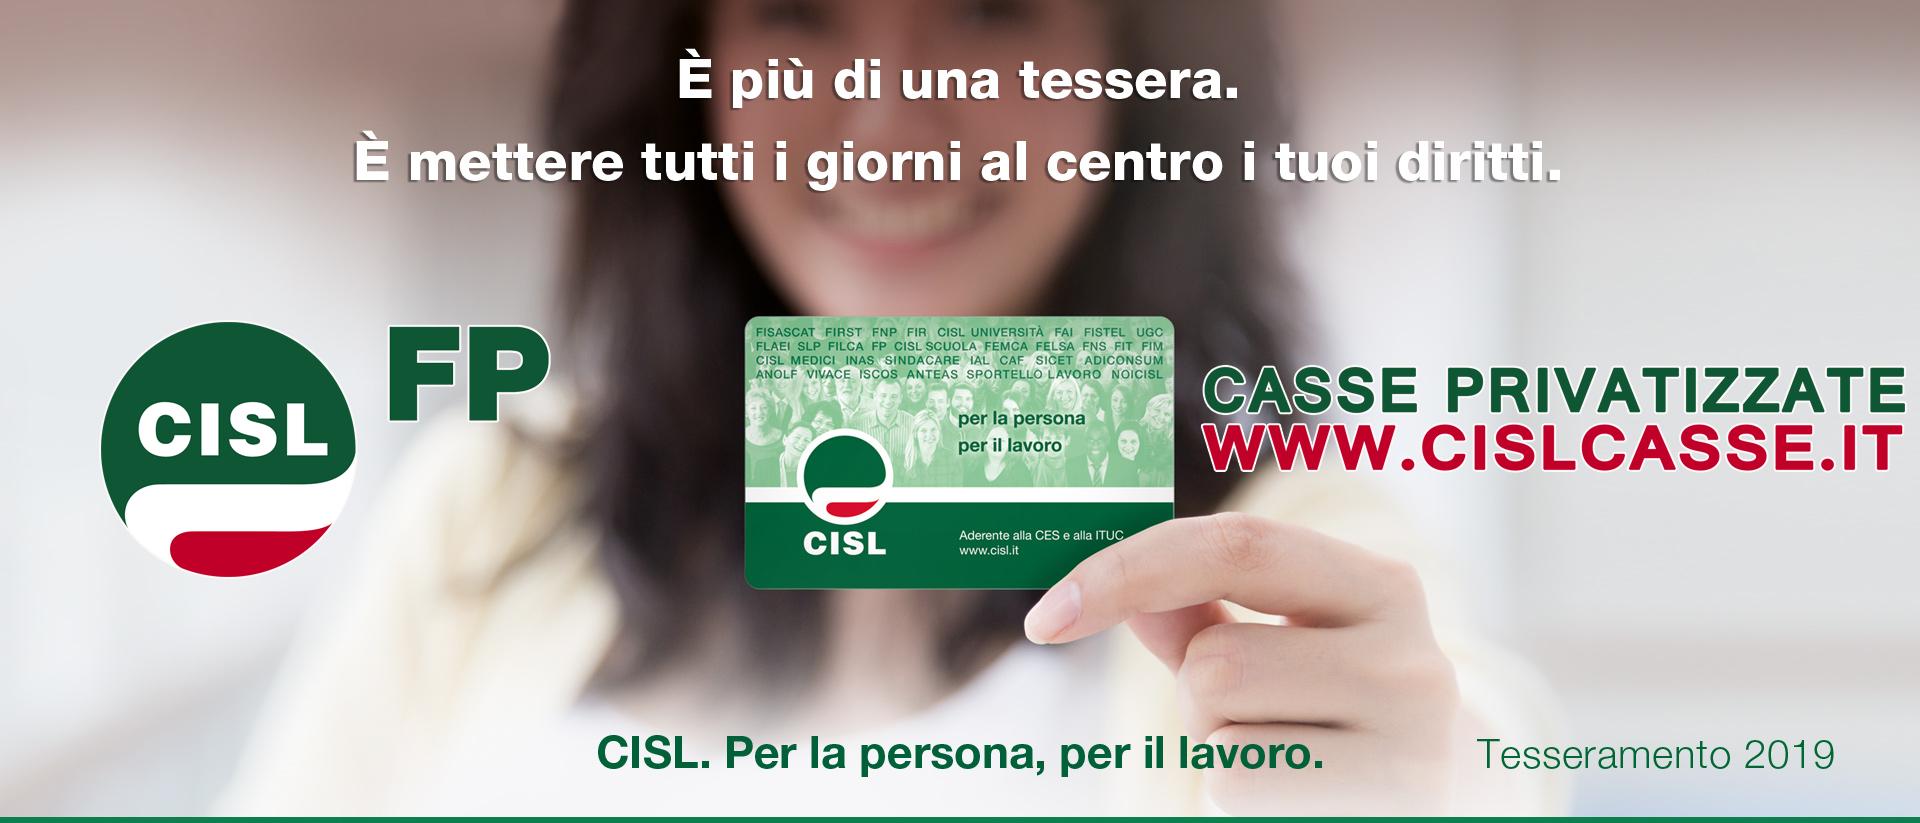 www.cislcasse.it